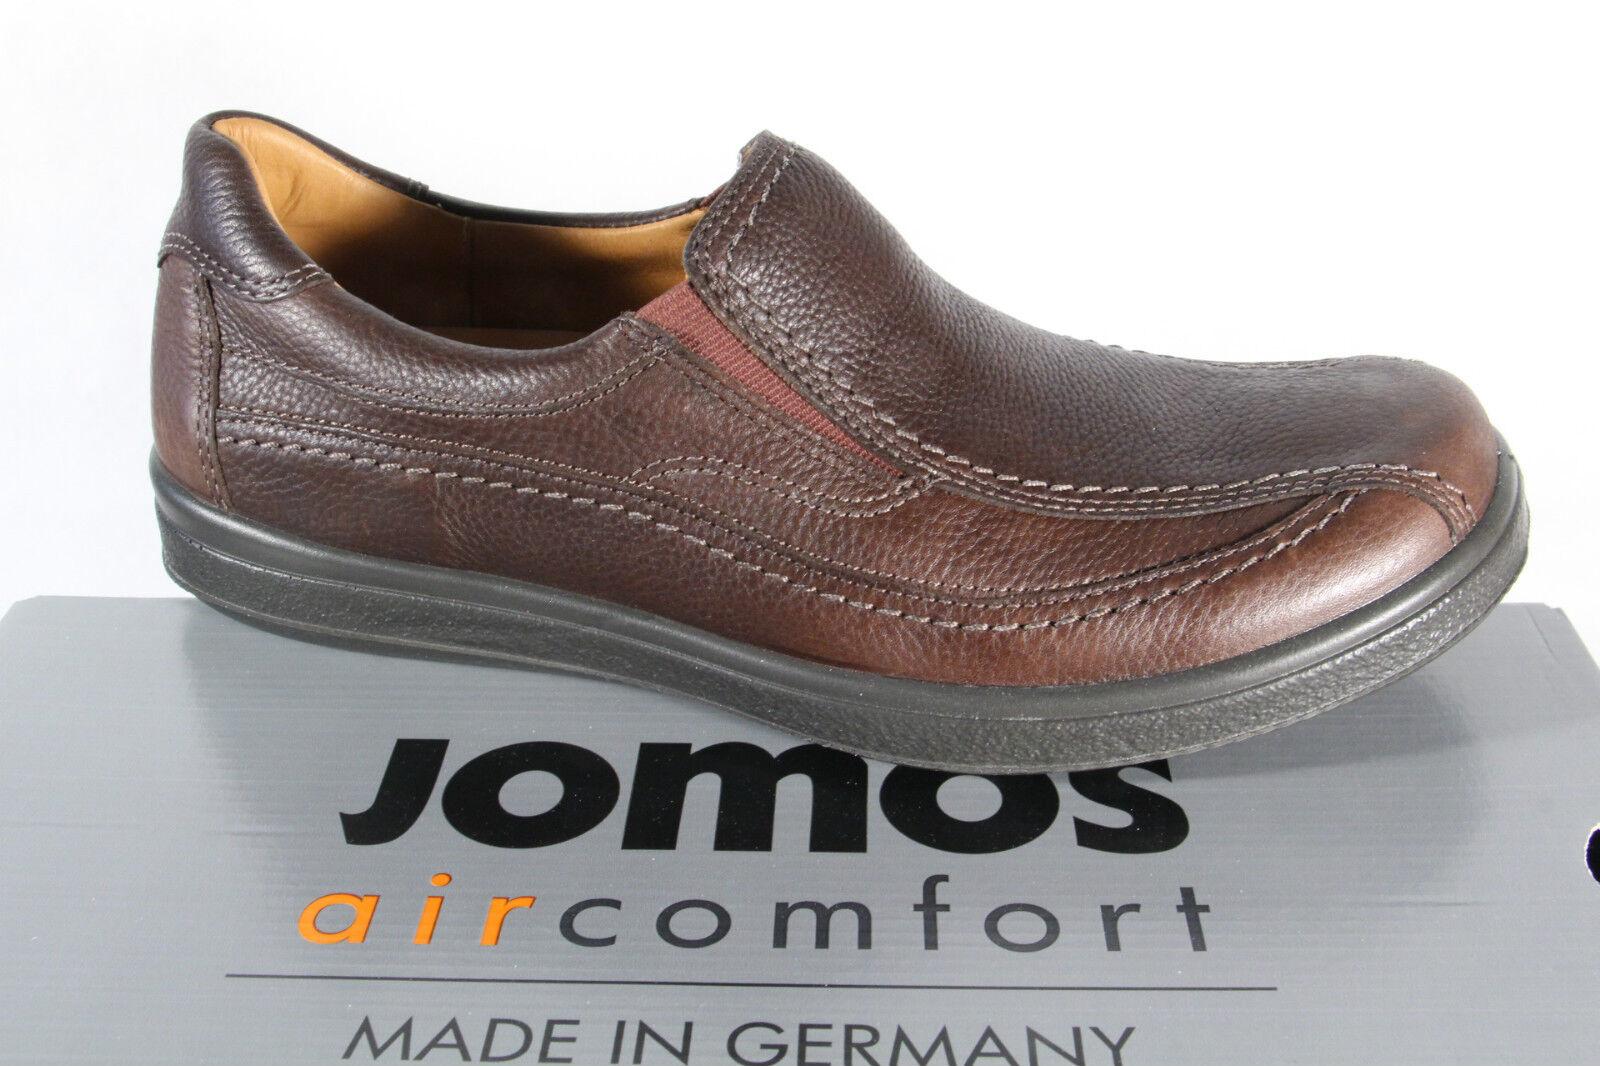 Jomos Slipper Halbschuhe Sneakers braun Leder für lose Einlagen geeignet  NEU